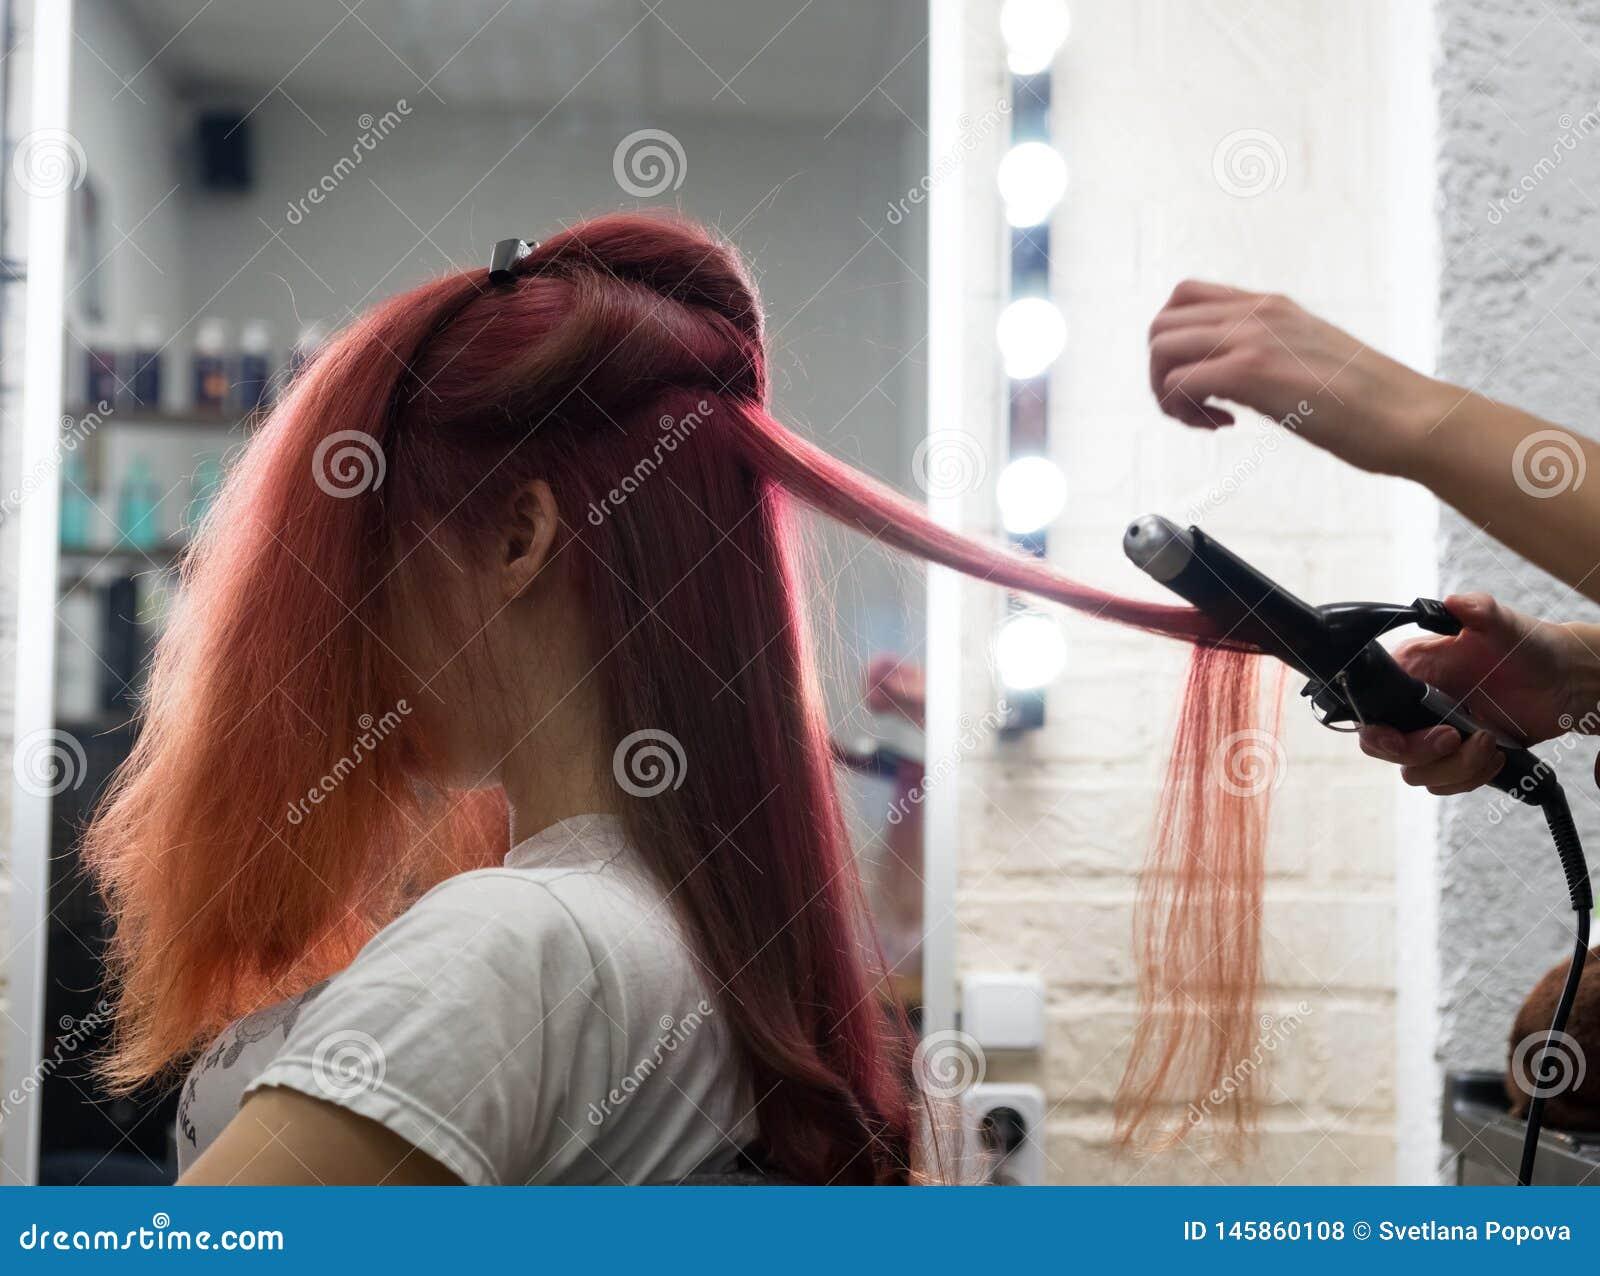 Kobieta z długie włosy obsiadaniem na fryzowanie procedurze fryzuje używać fryzowań żelaza w salonu fryzjerze